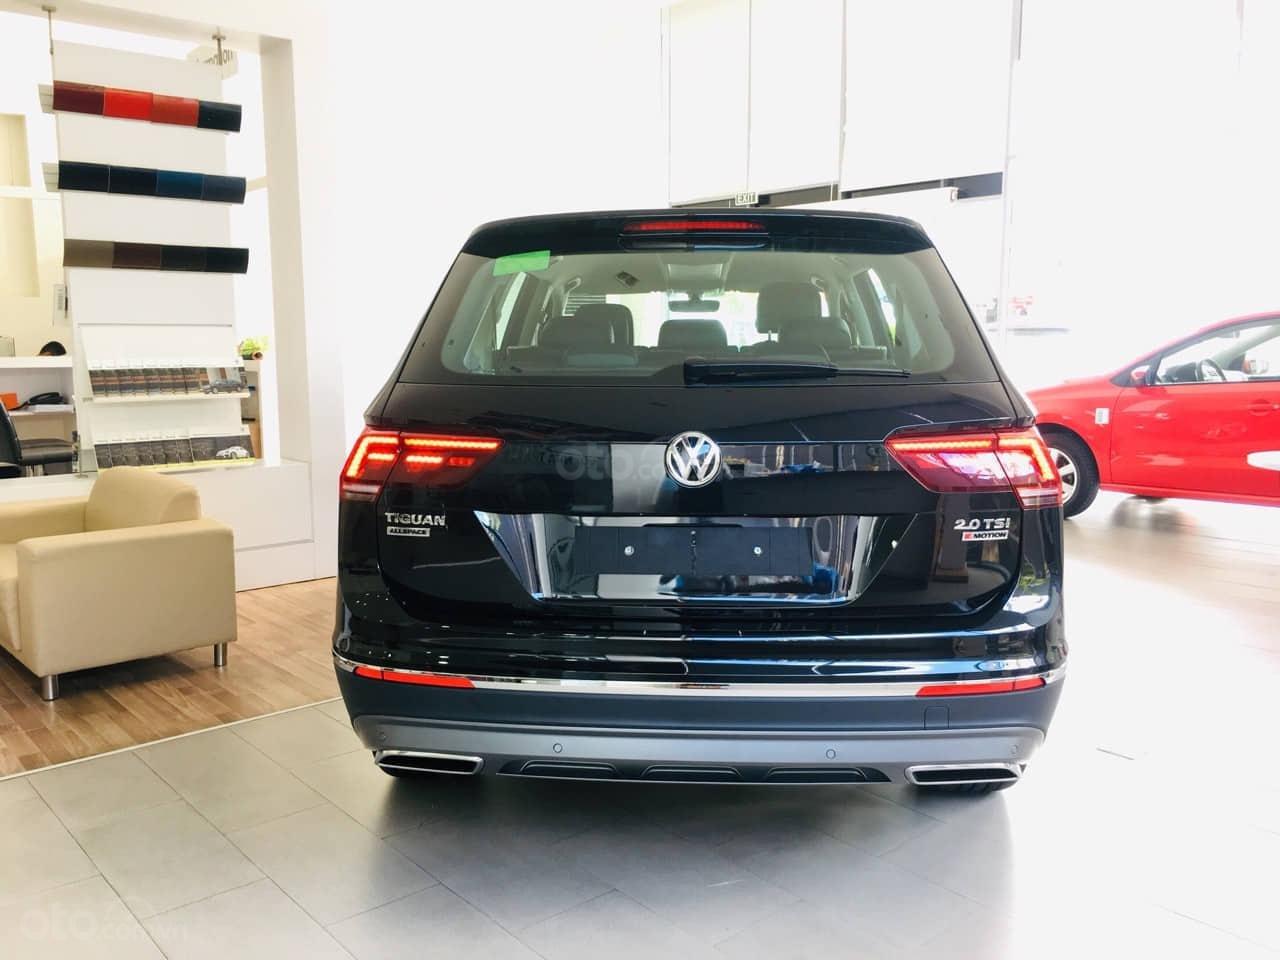 Bán Volkswagen Tiguan Allspace năm 2019, màu đen, nhập khẩu nguyên chiếc (3)